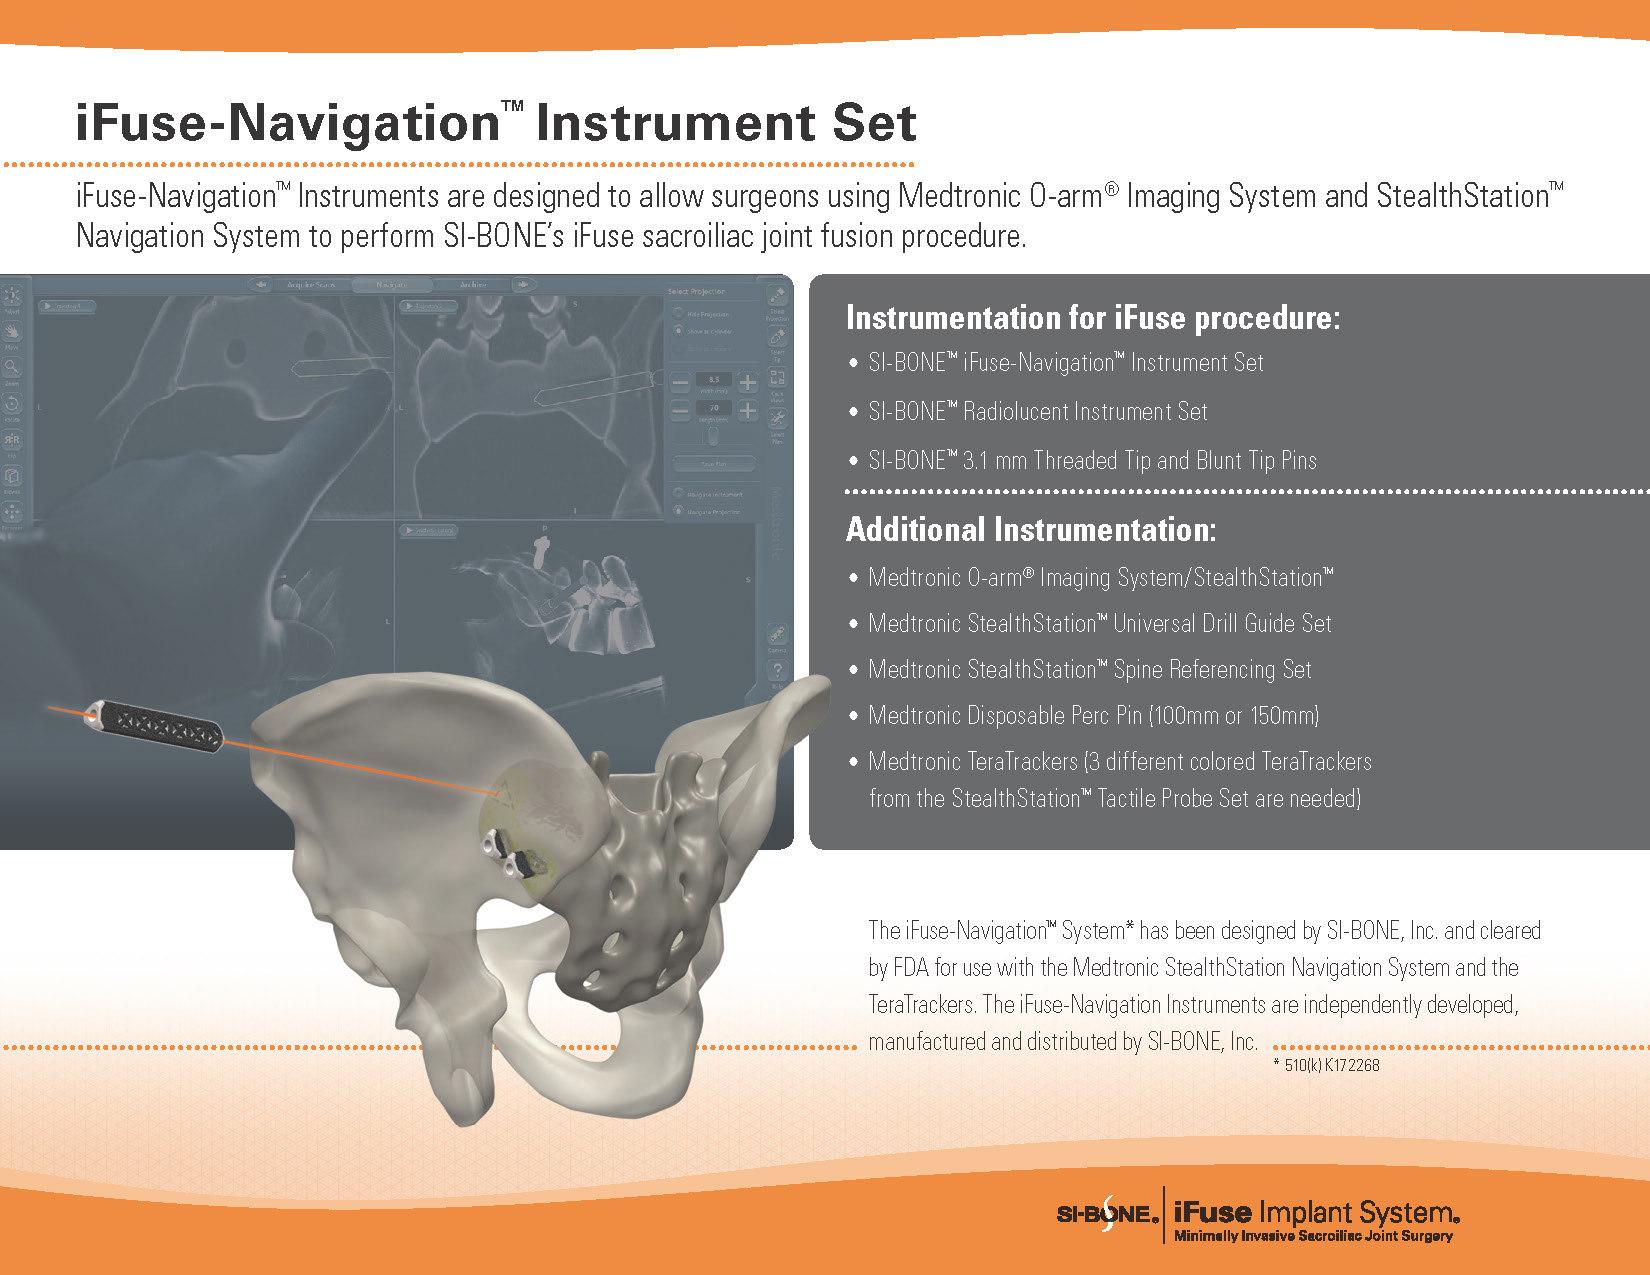 iFuse-Navigation Instrument Set